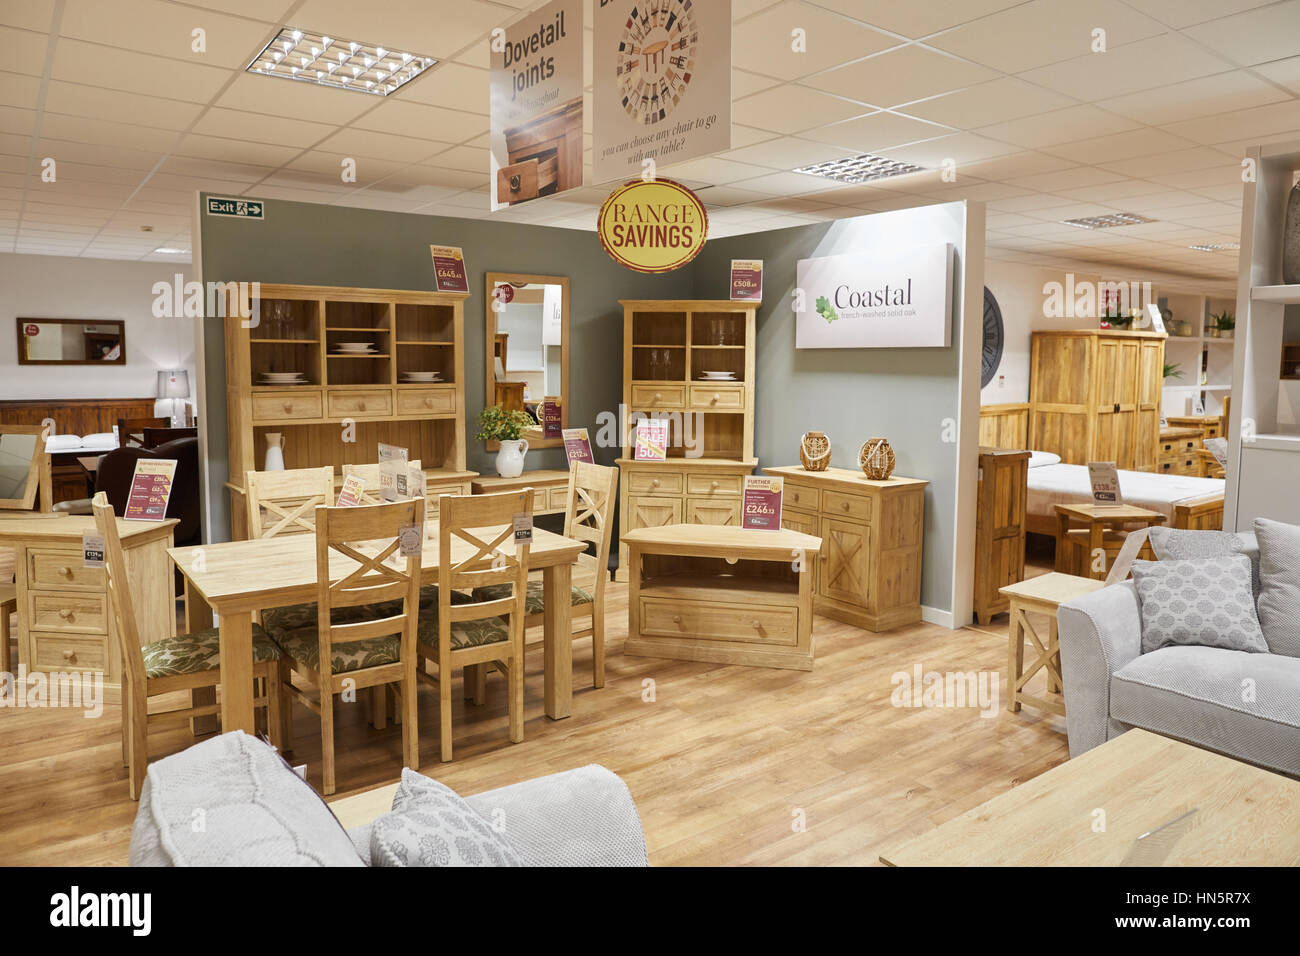 Oak Furniture Imágenes De Stock & Oak Furniture Fotos De Stock - Alamy